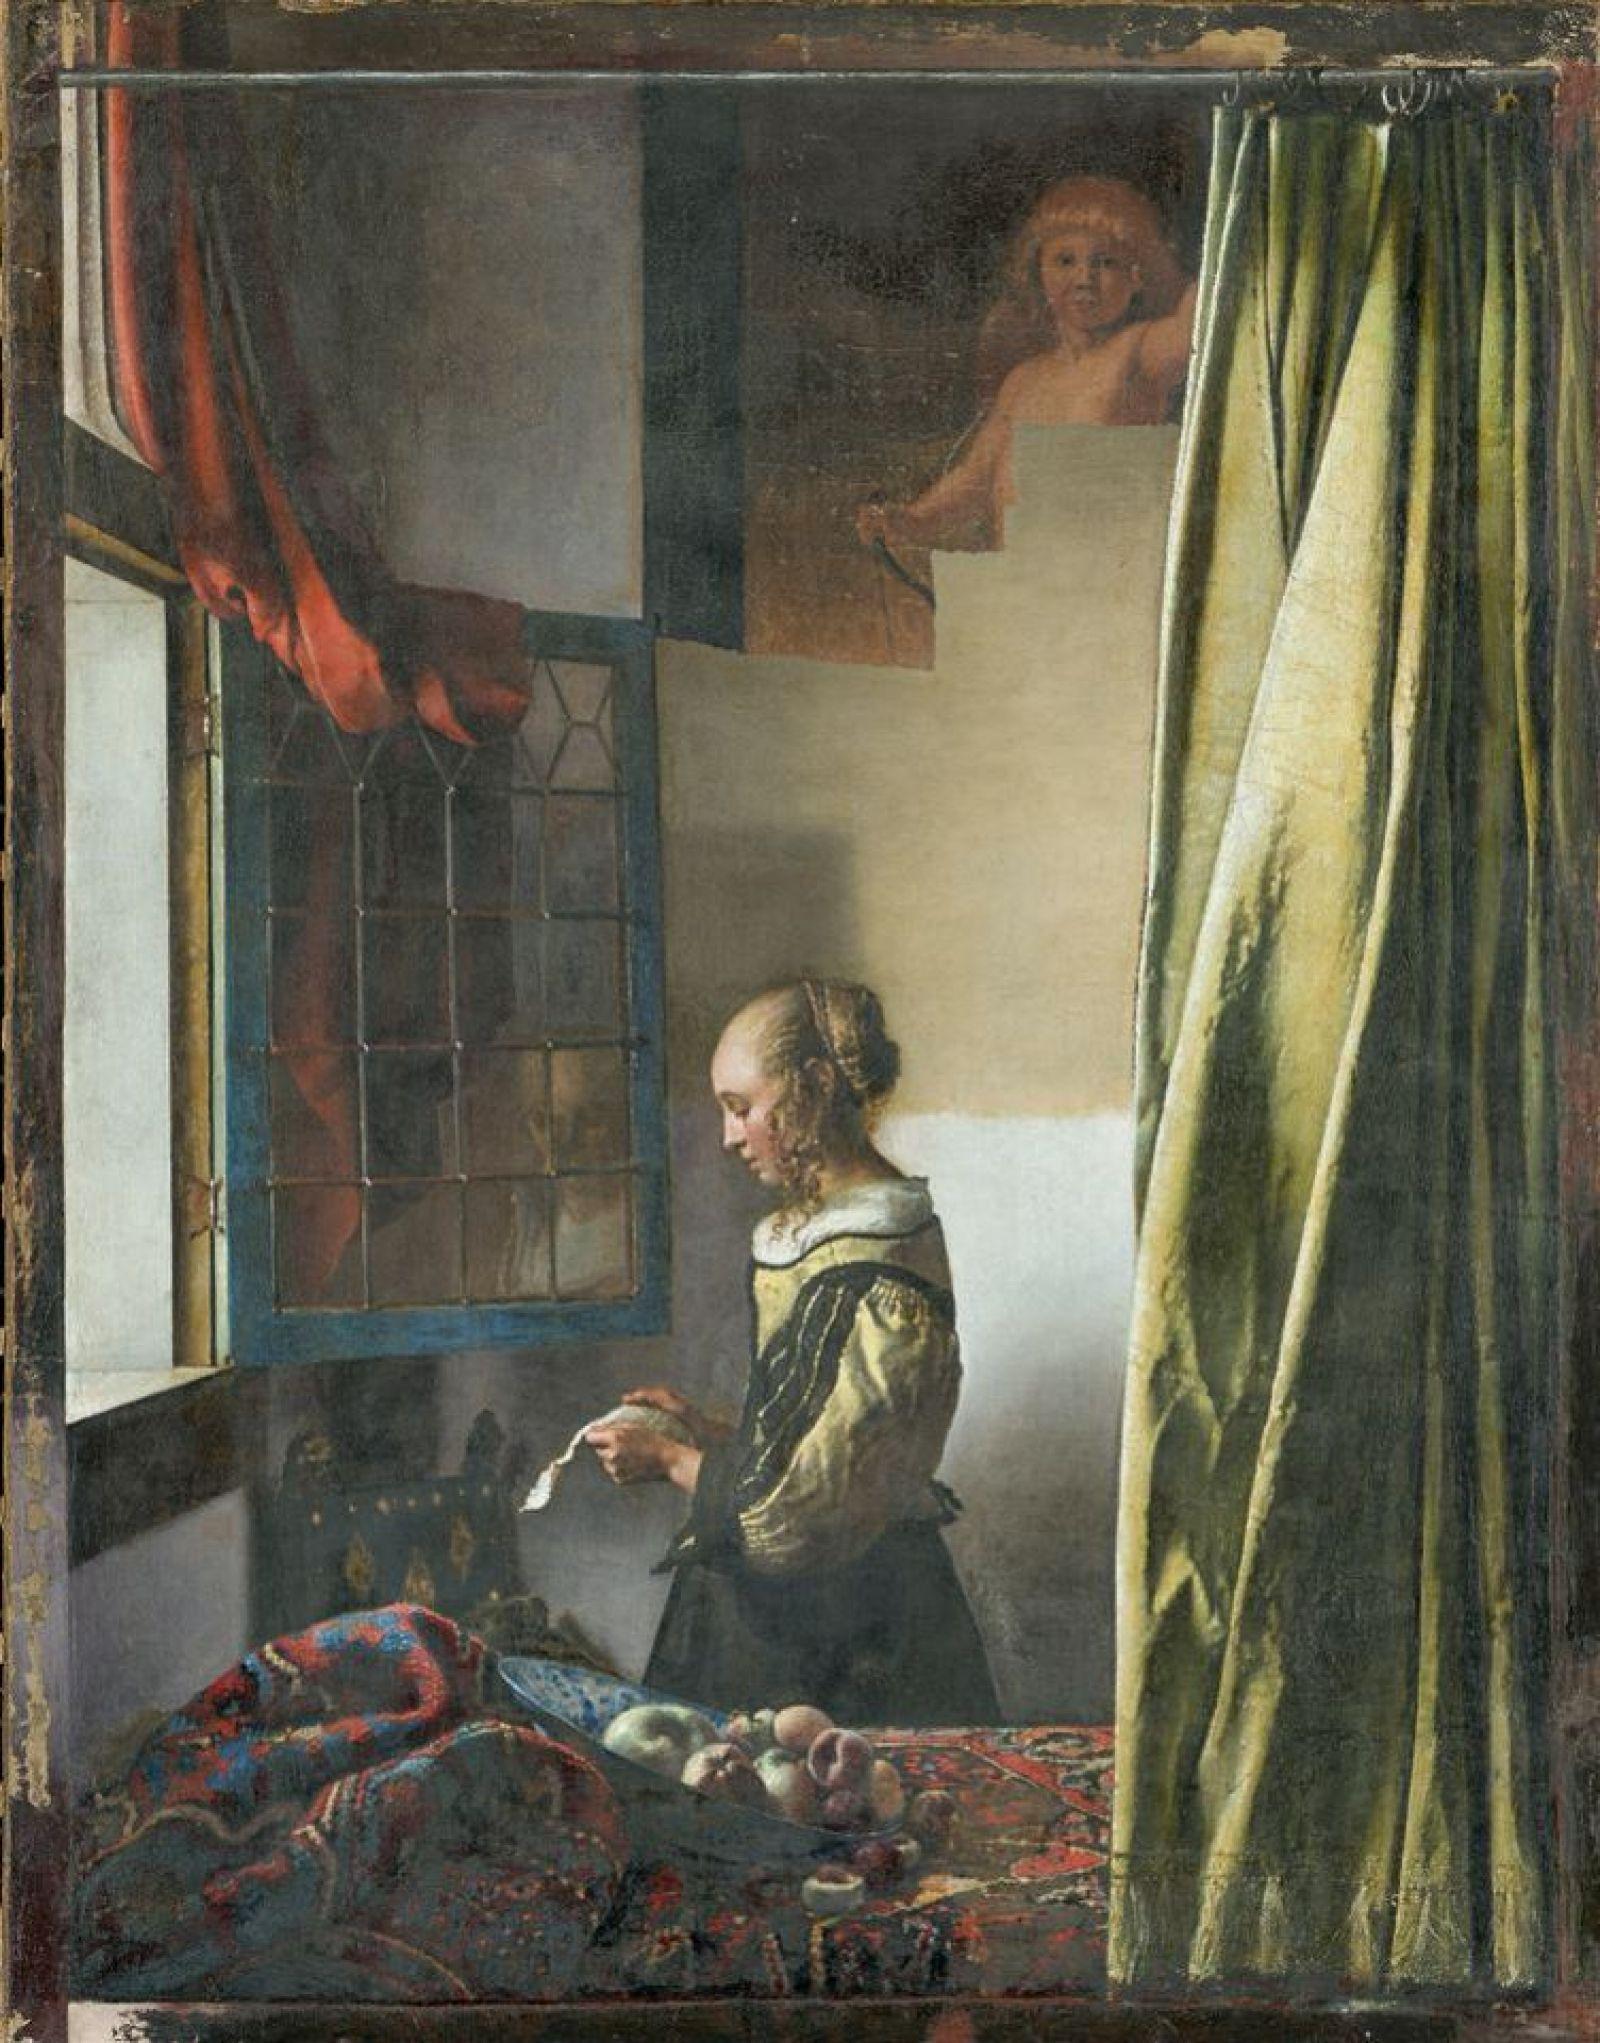 Johannes Vermeer, La liseuse à la fenêtre, vers 1657, Staatliche Kunstammlungen, Dresde, image © SKD / Wolfgang Kreische